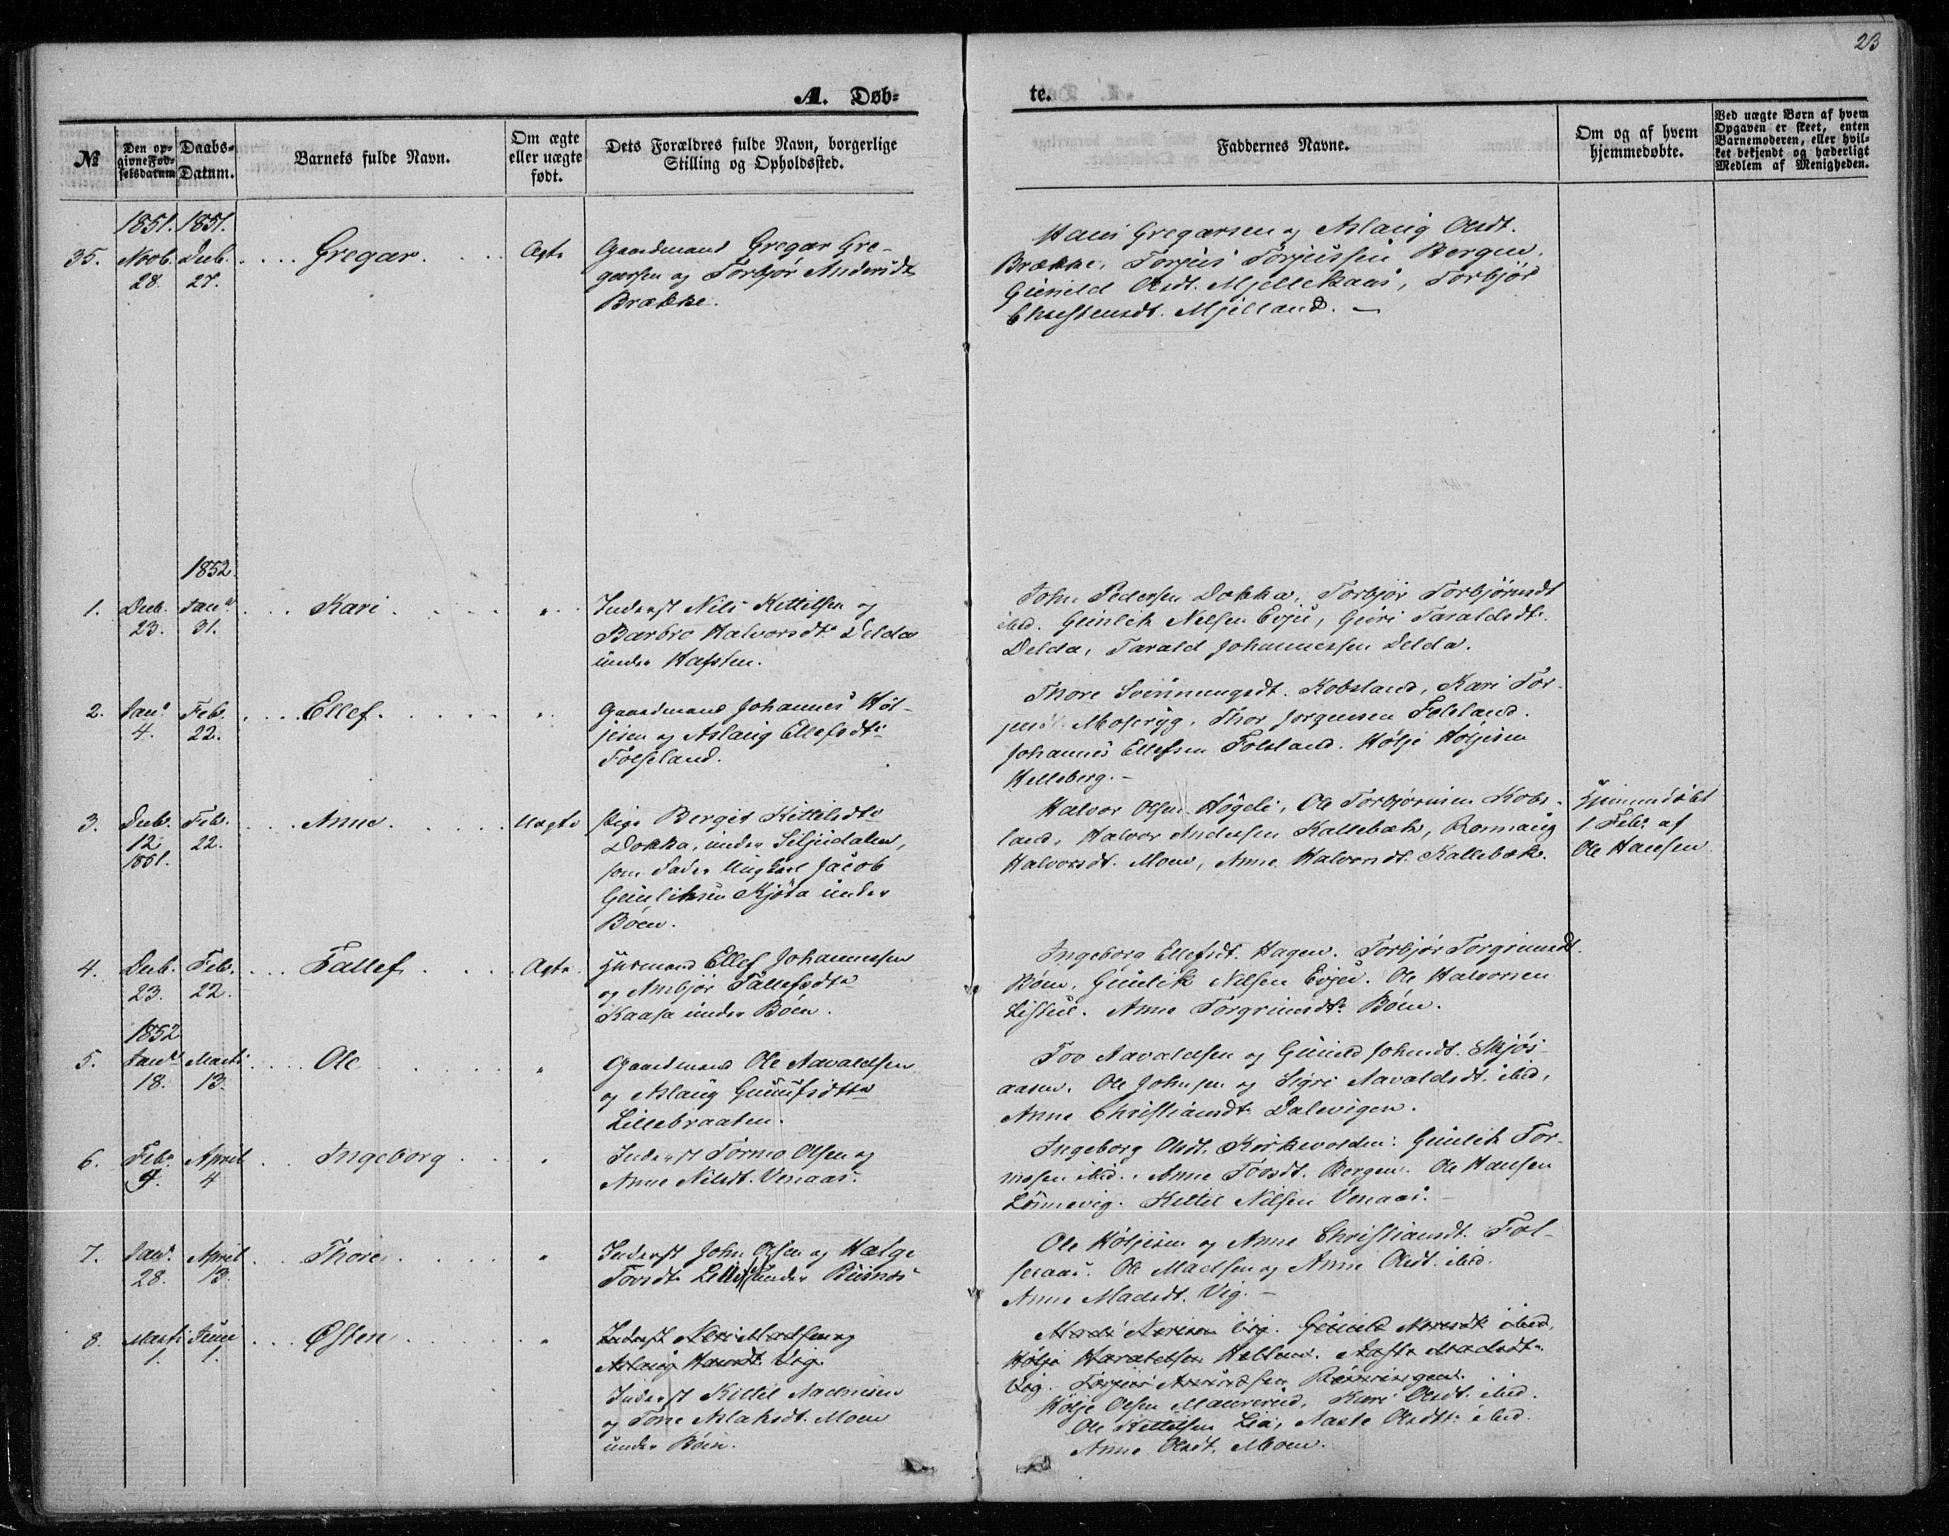 SAKO, Gransherad kirkebøker, F/Fa/L0002: Ministerialbok nr. I 2, 1844-1859, s. 23